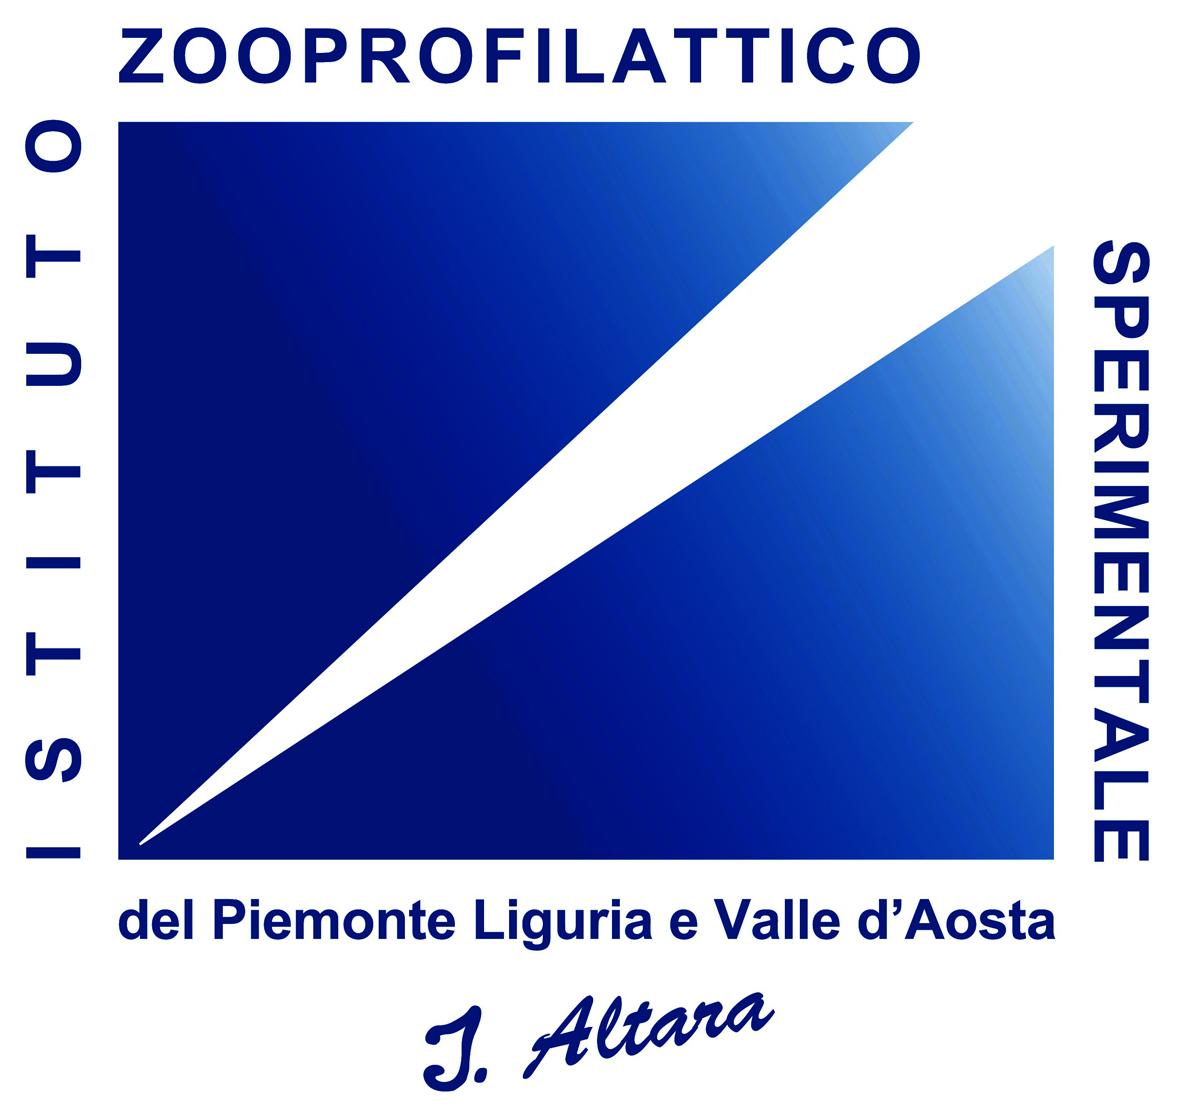 Istituto Zooprofilattico Sperimentale del Piemonte, Liguria e Valle d'Aosta  - Polo Agrifood innovazione e competitività del settore agroalimentare